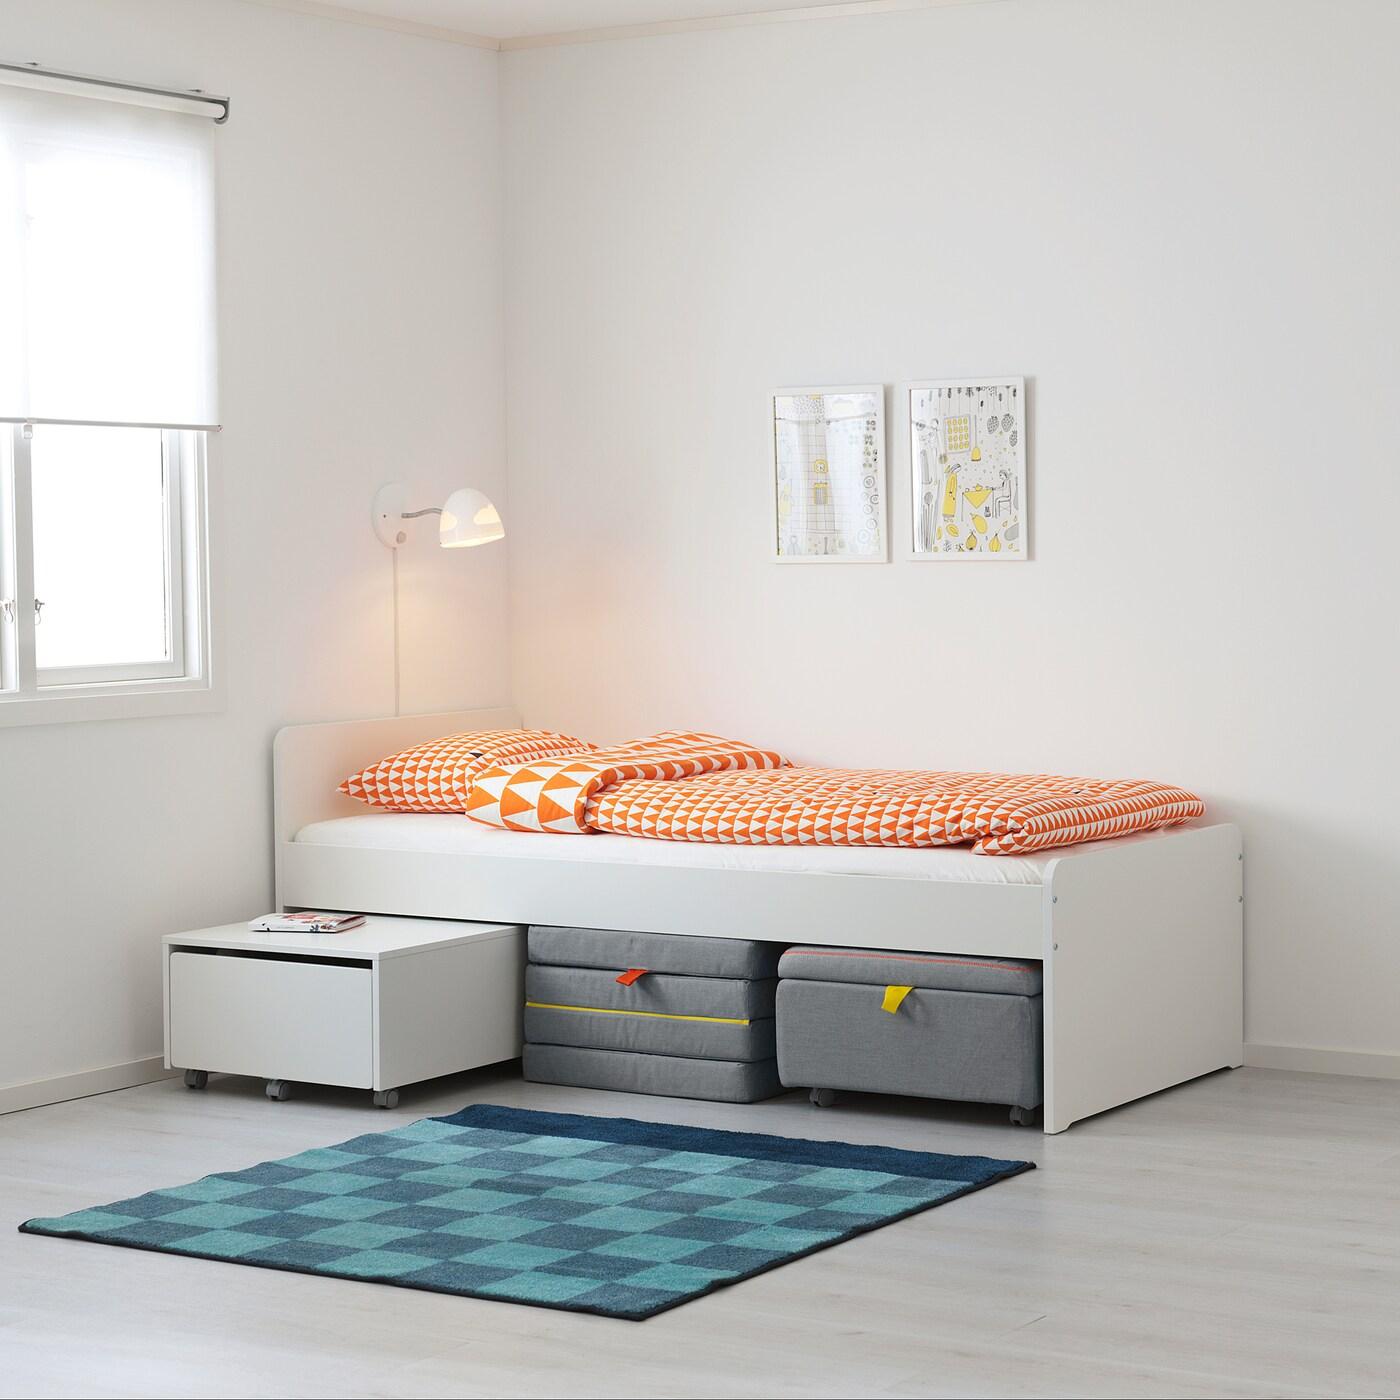 создана раздвижная кровать с ящиками для хранения фото относится разряду городов